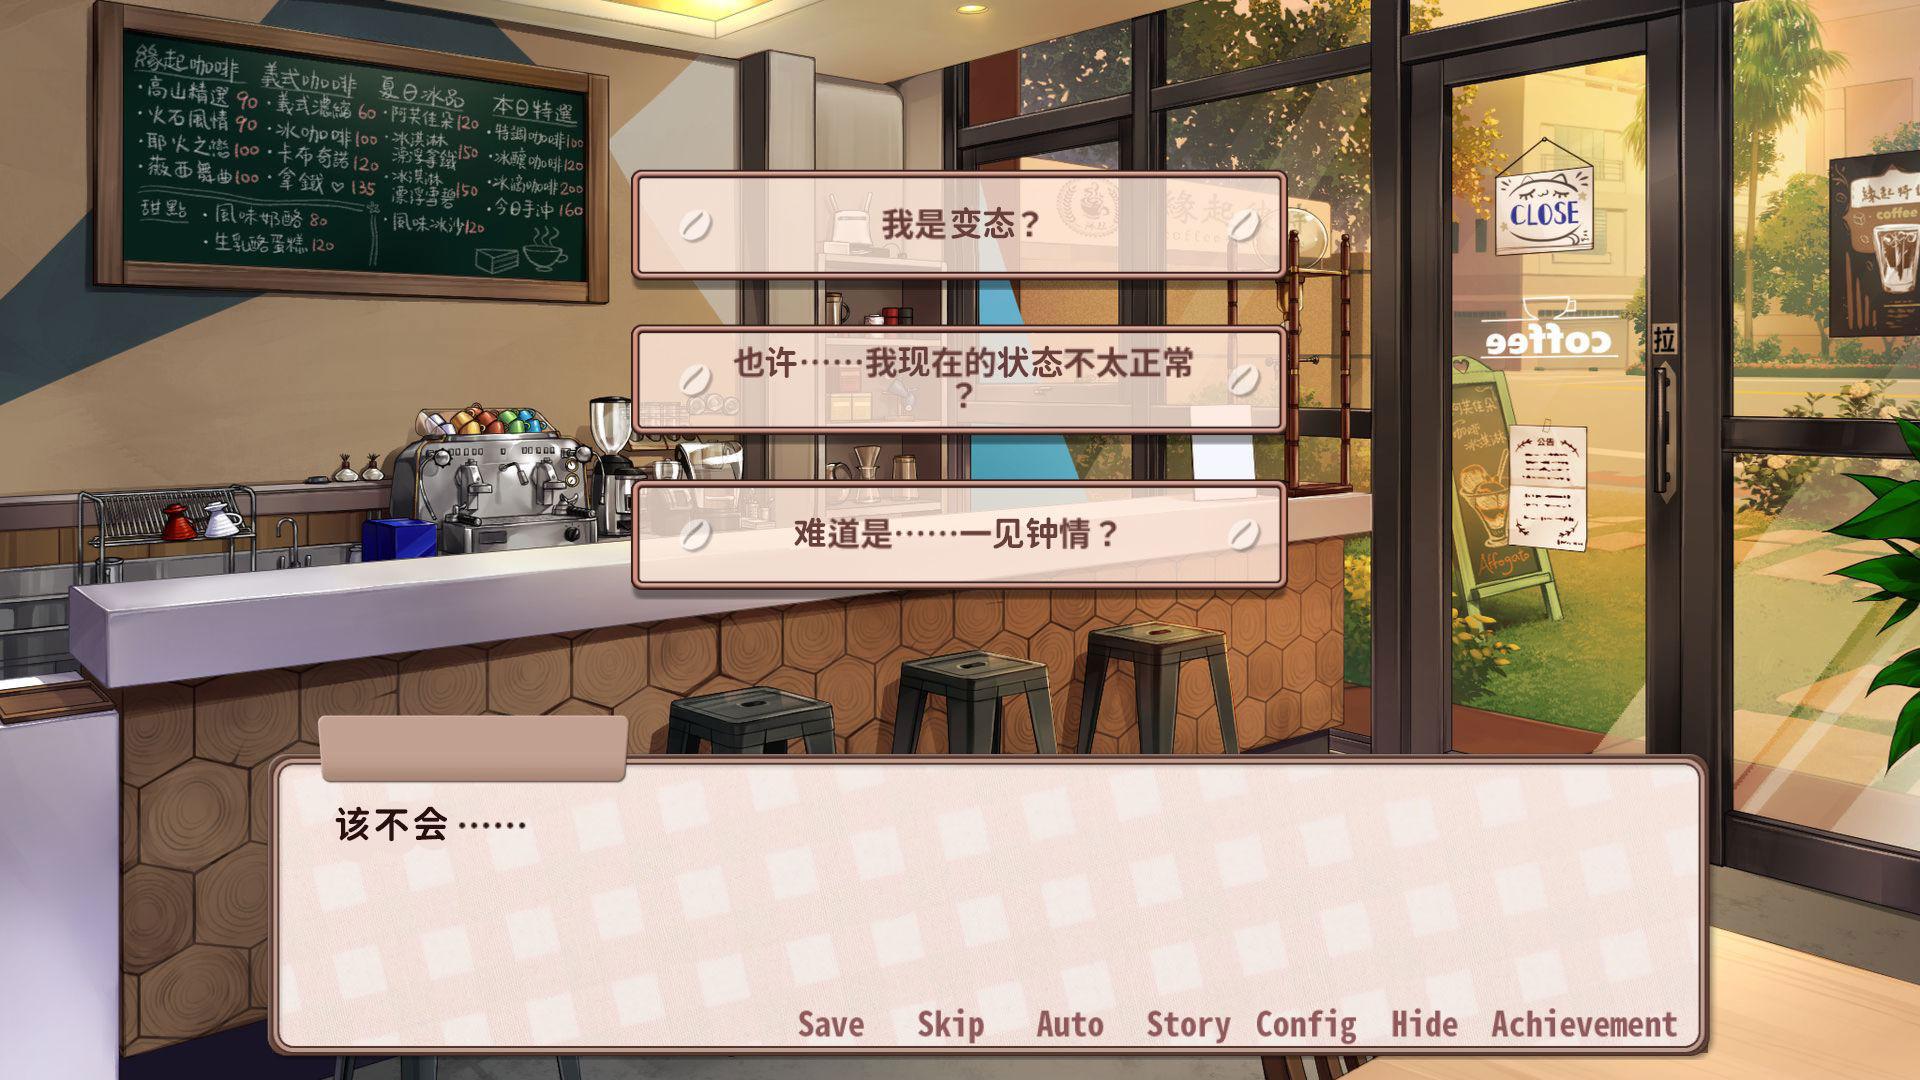 晴天咖啡馆截图4